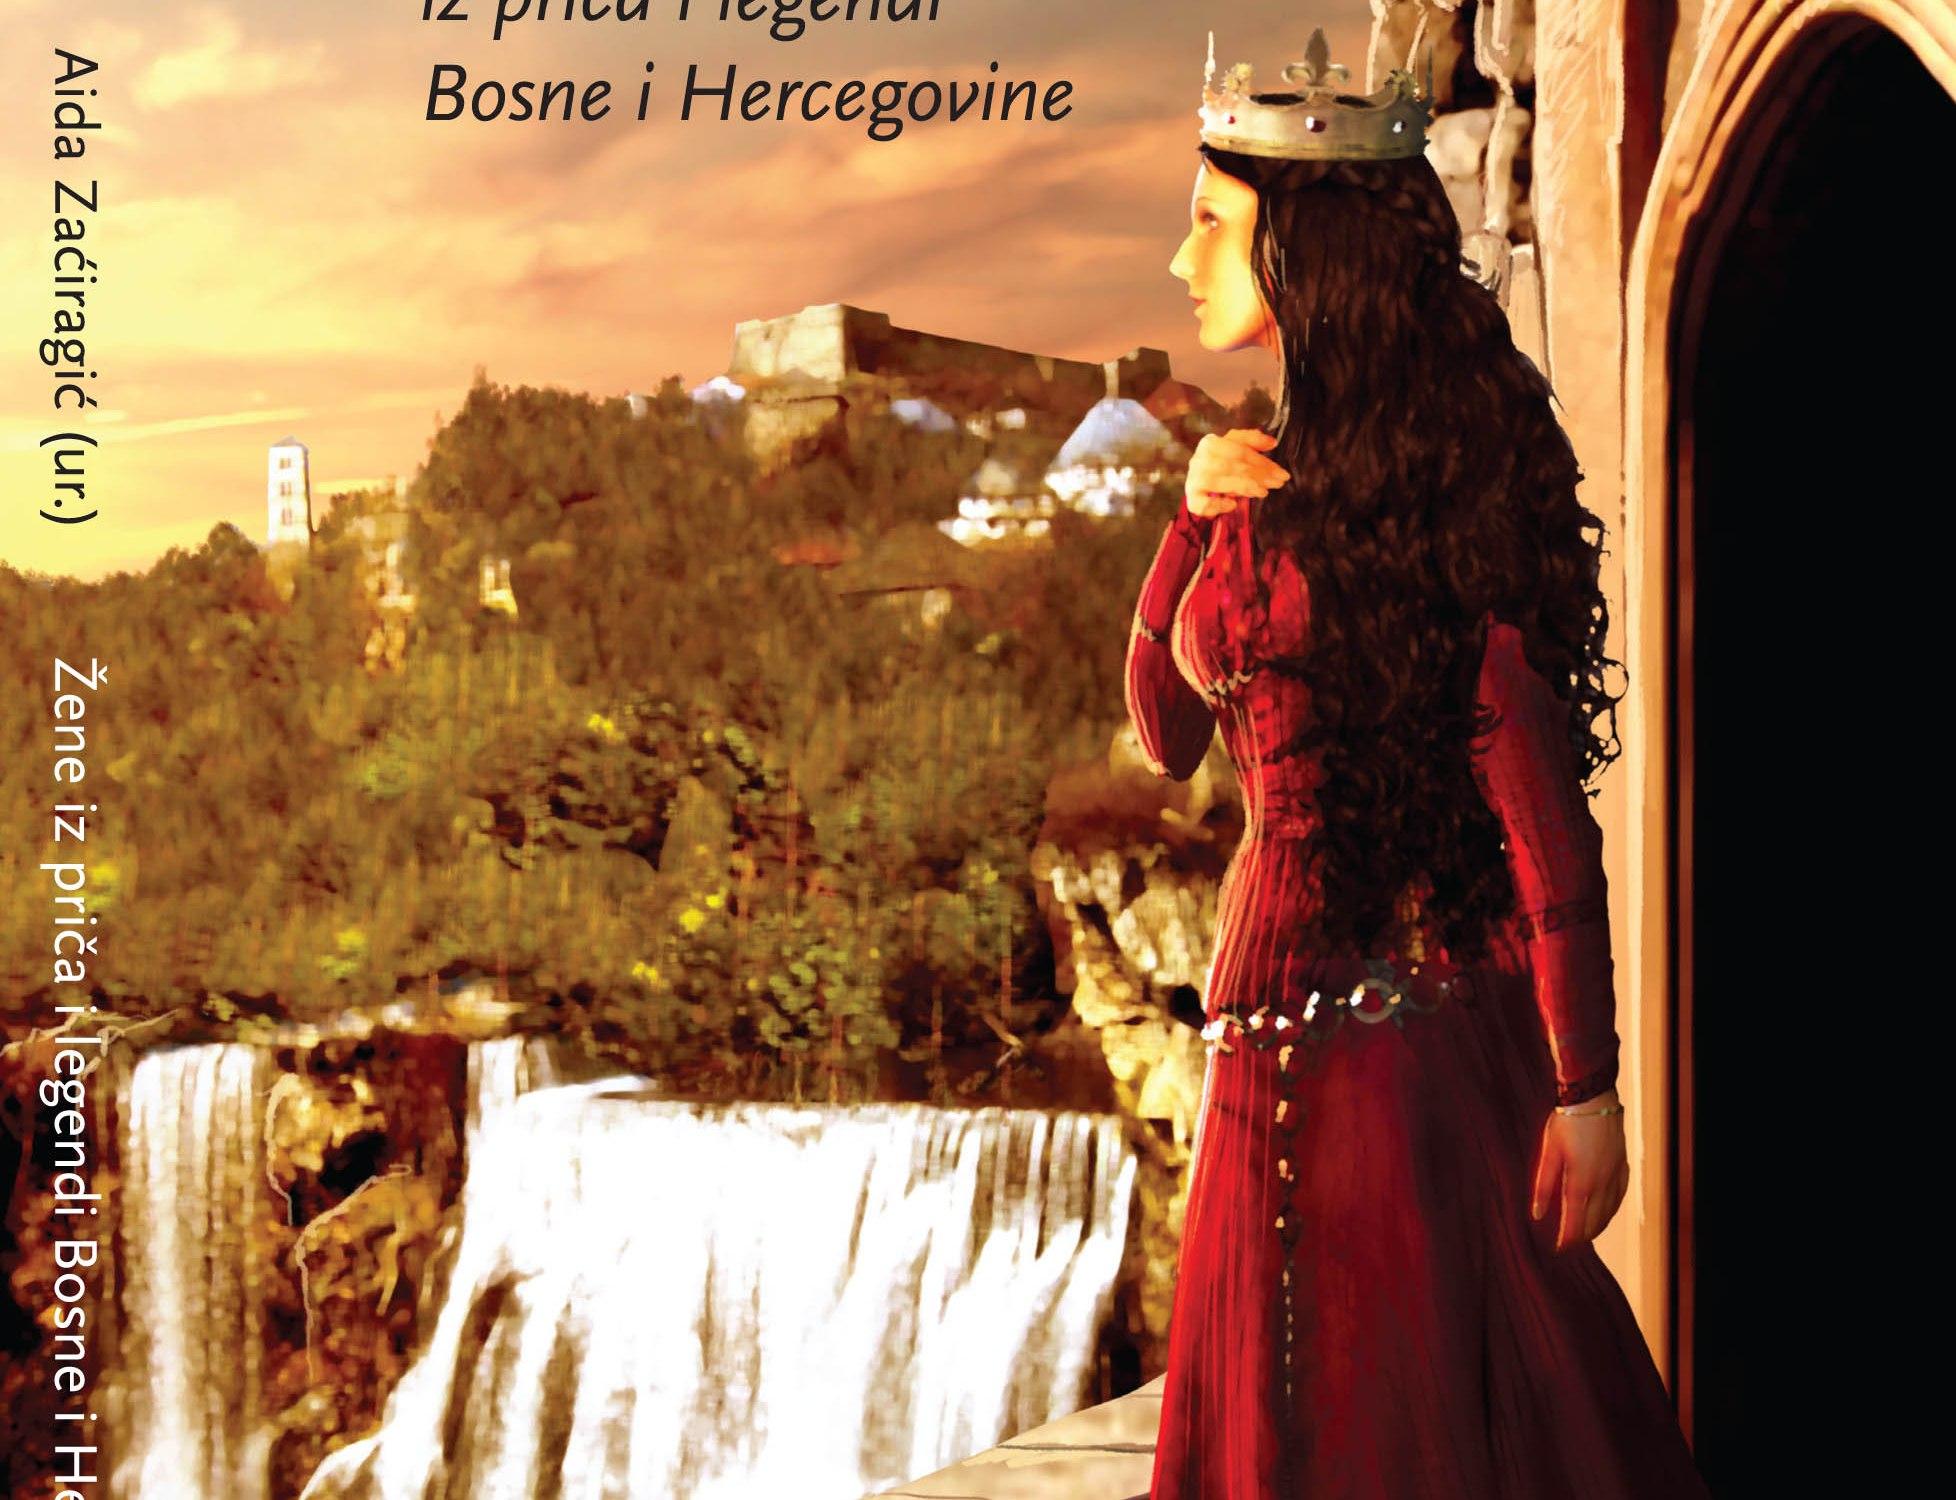 Zene za brak iz bosne i hercegovine - losuthecon